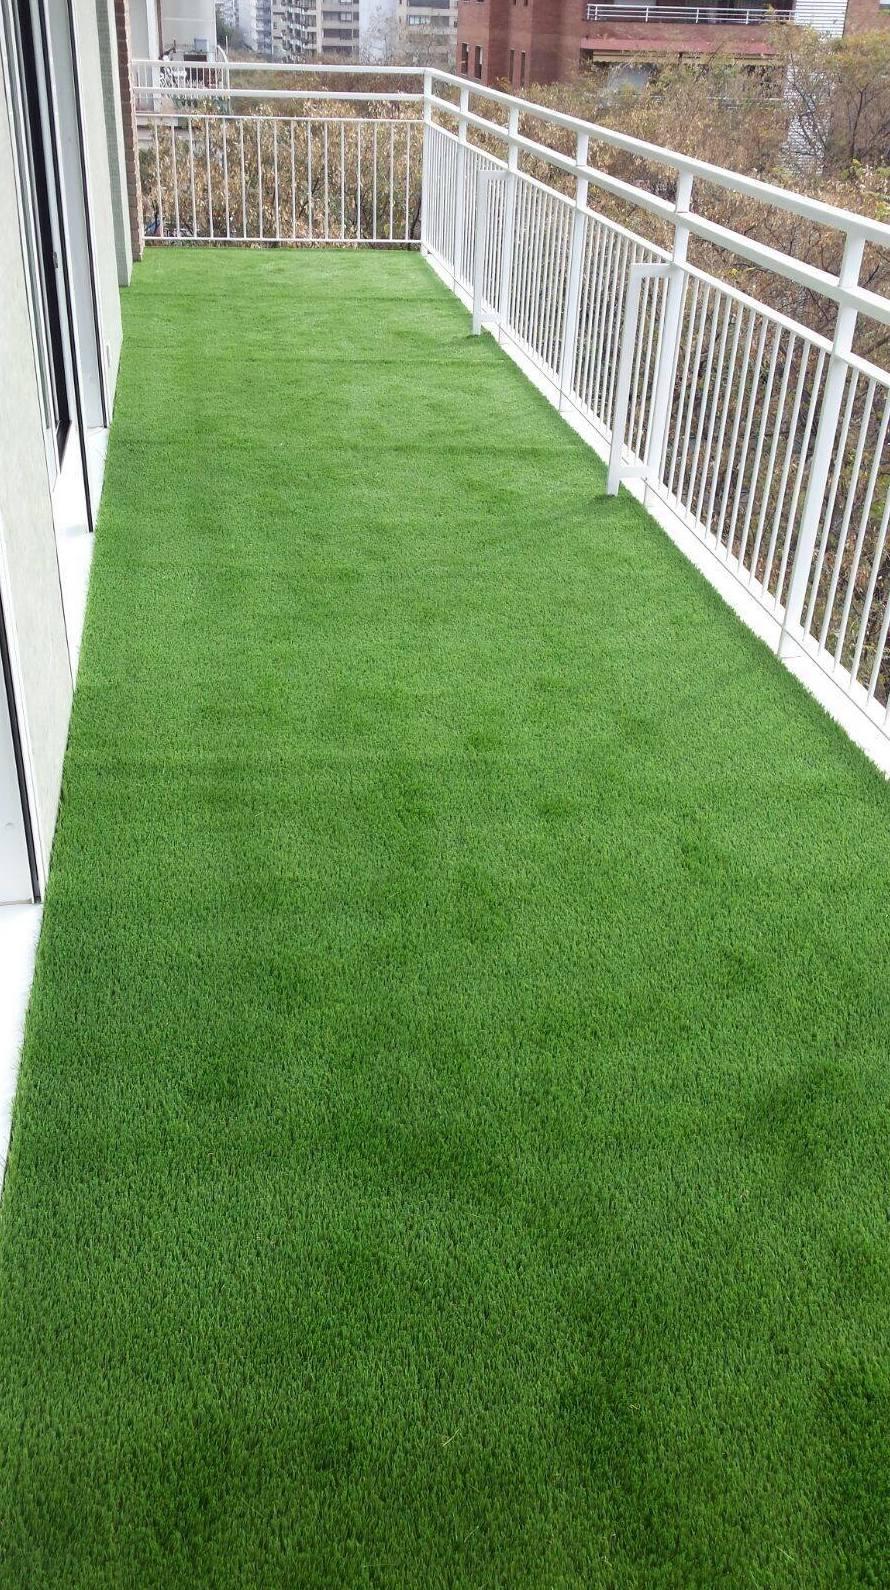 Césped artificial en tu terraza! Pregúntanos!